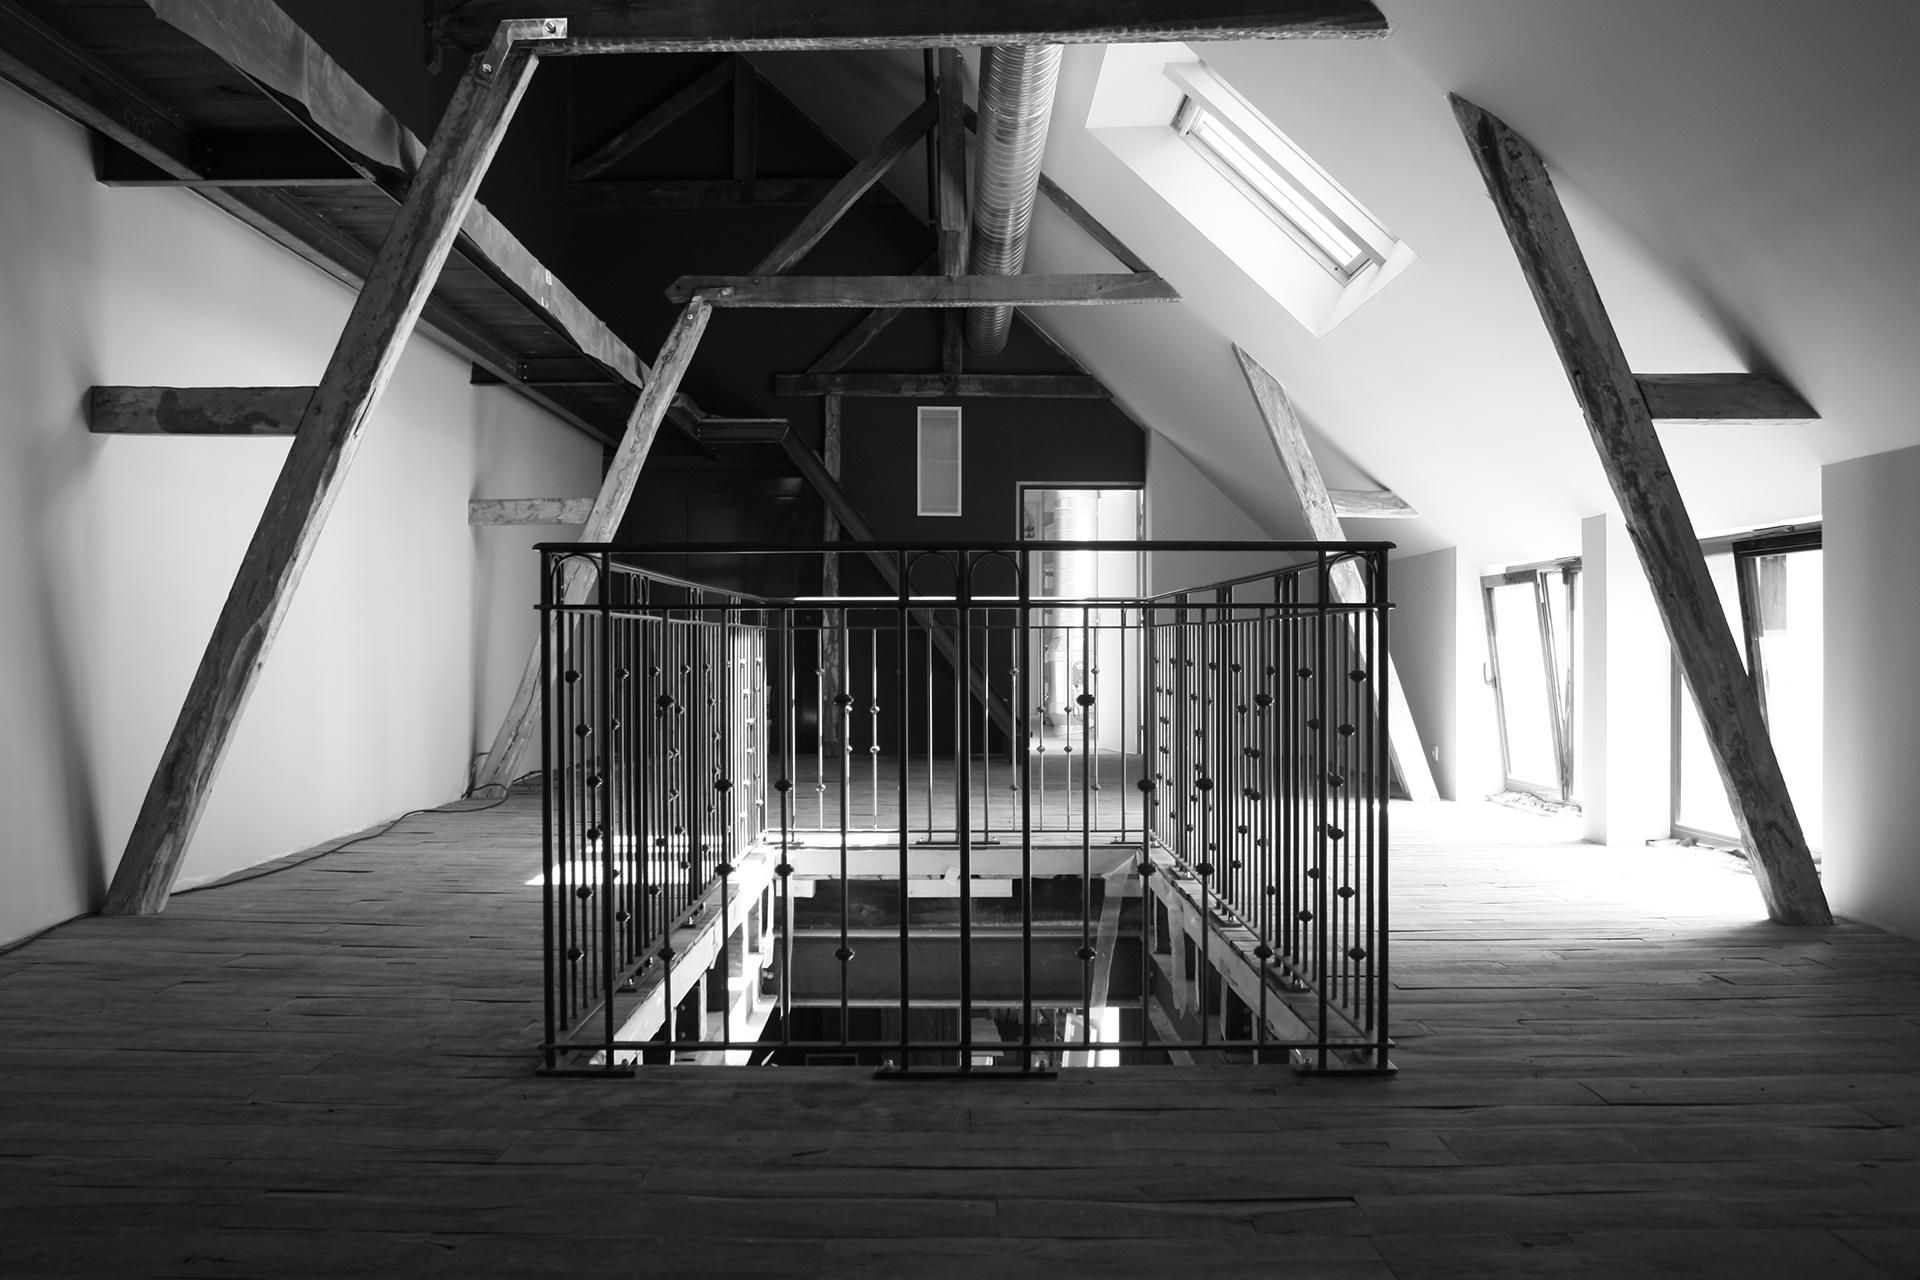 (33bis) Aout 2013 Librairie Bulle 1er etage